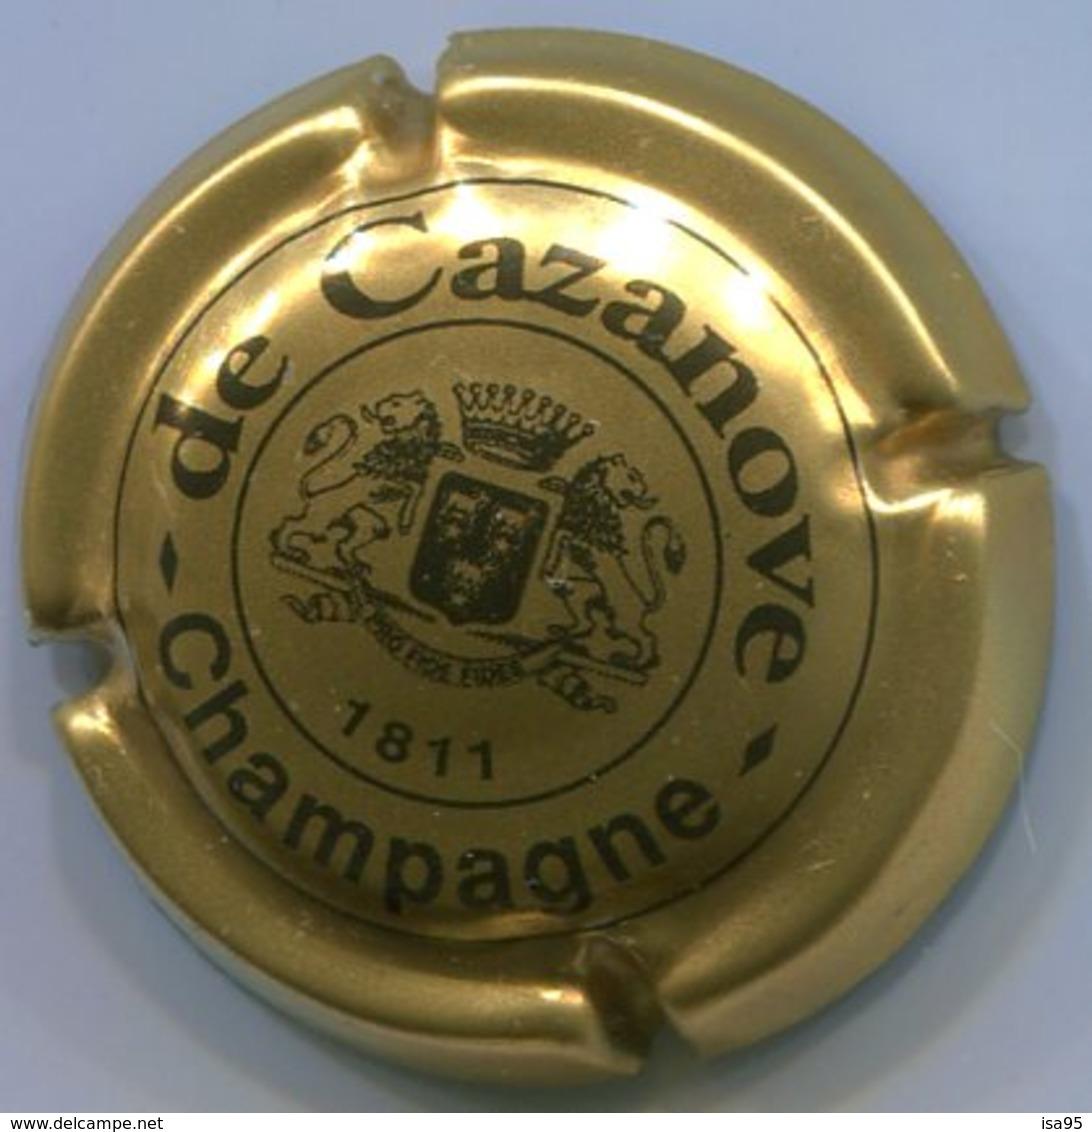 CJ-CAPSULE-CHAMPAGNE DE CAZANOVE N°05 Petit écusson - De Cazanove